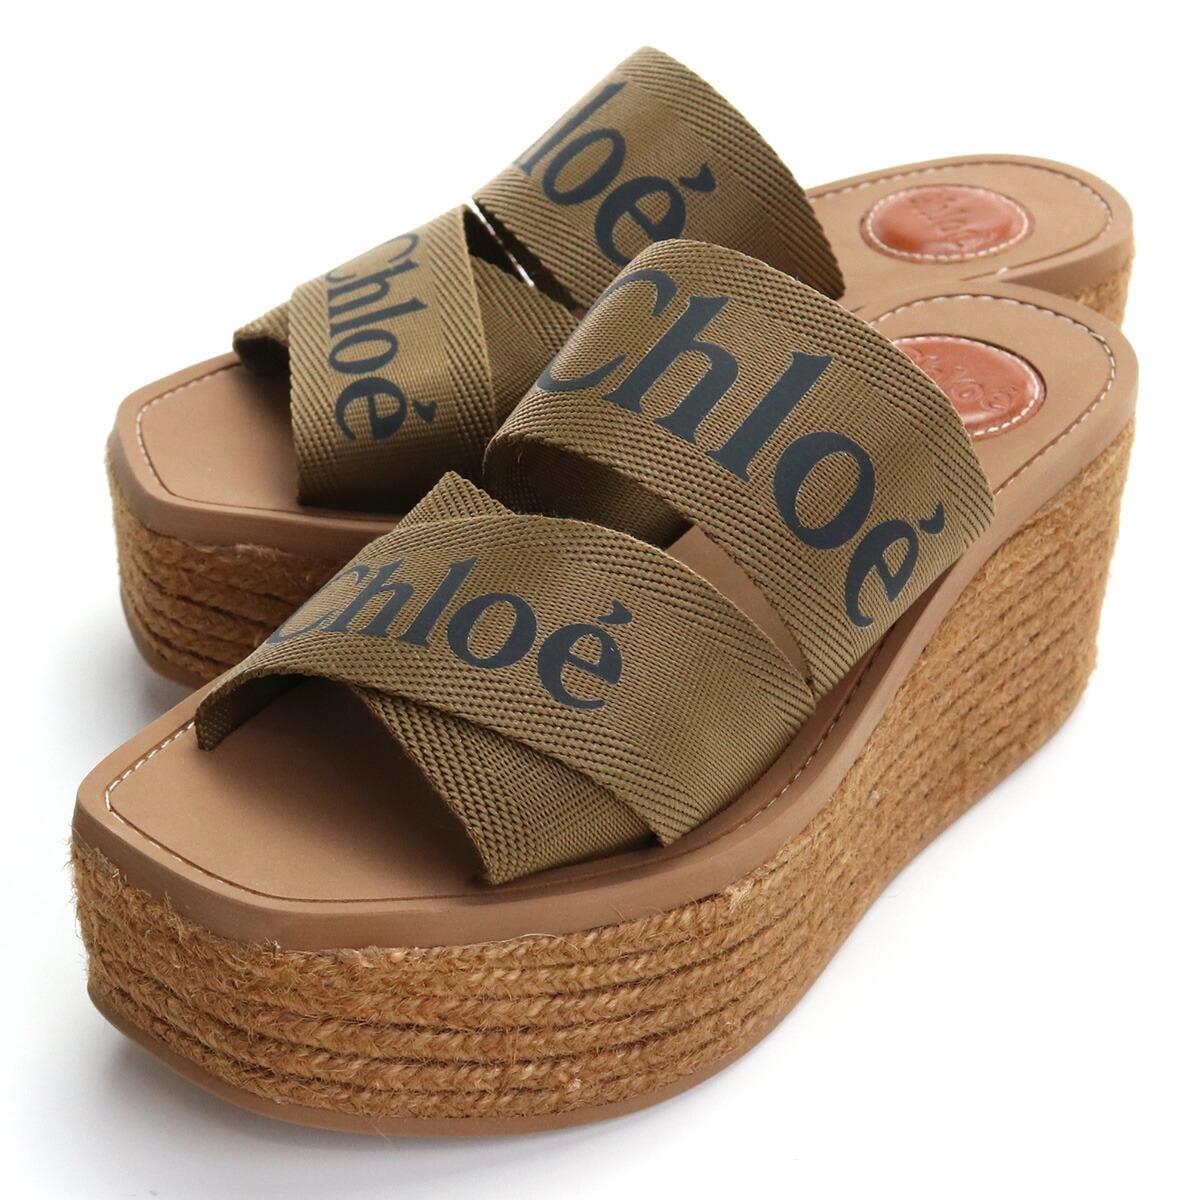 クロエ CHLOE  レディースサンダル ブランドシューズ ブランドサンダル CHC21U44908 20F ブラウン系 shoes-01